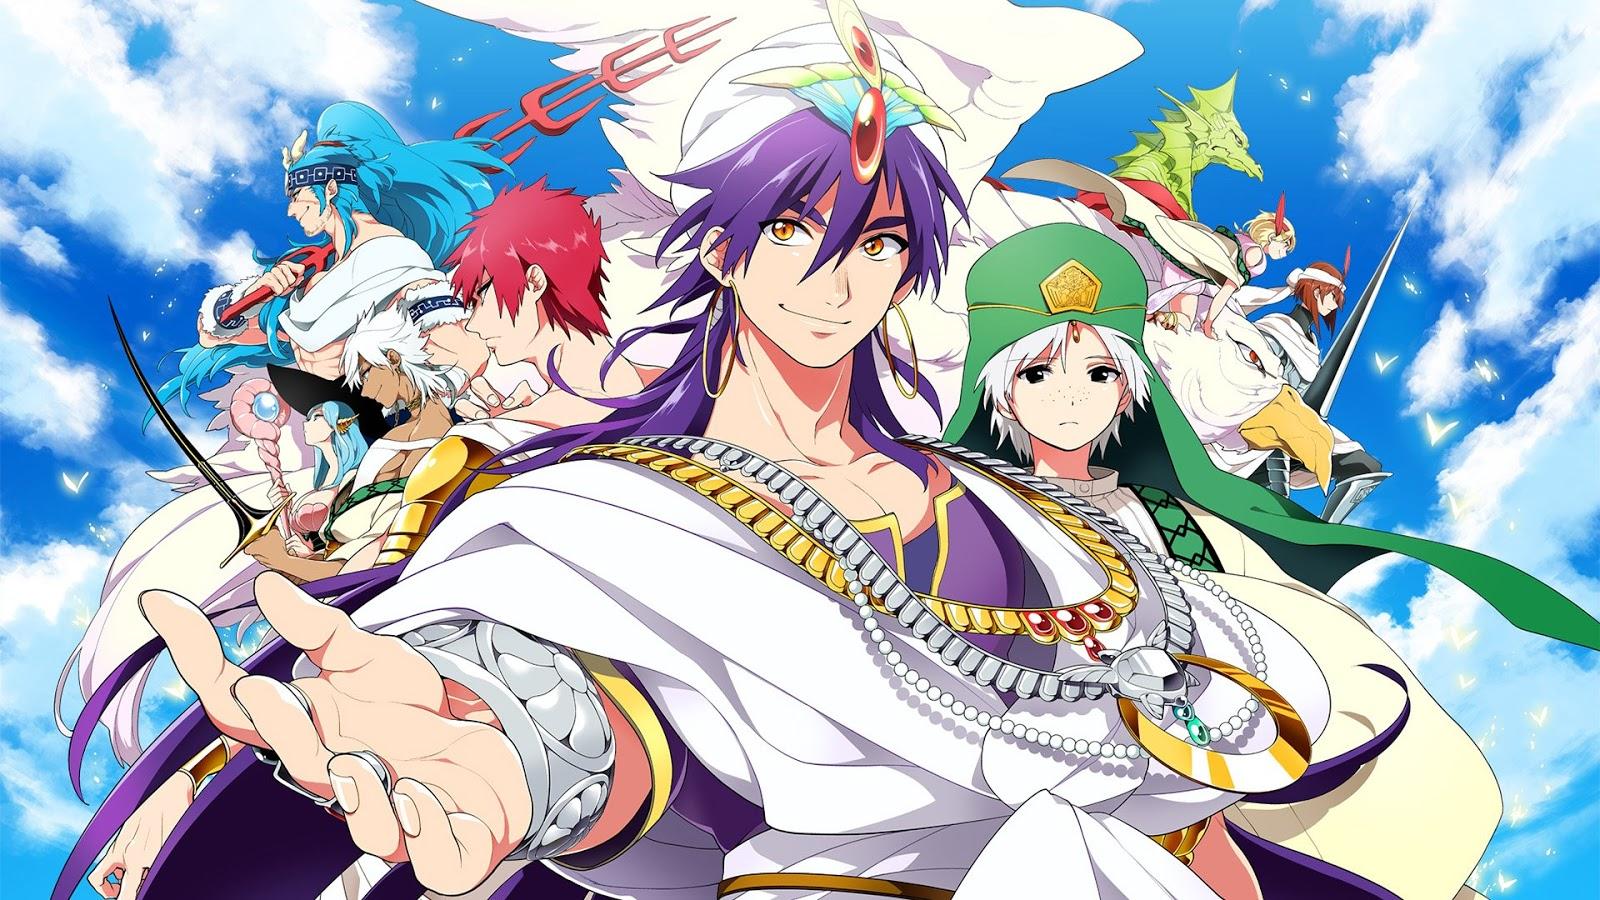 Magi the kingdom of magic bd x265 batch subtitle indonesia